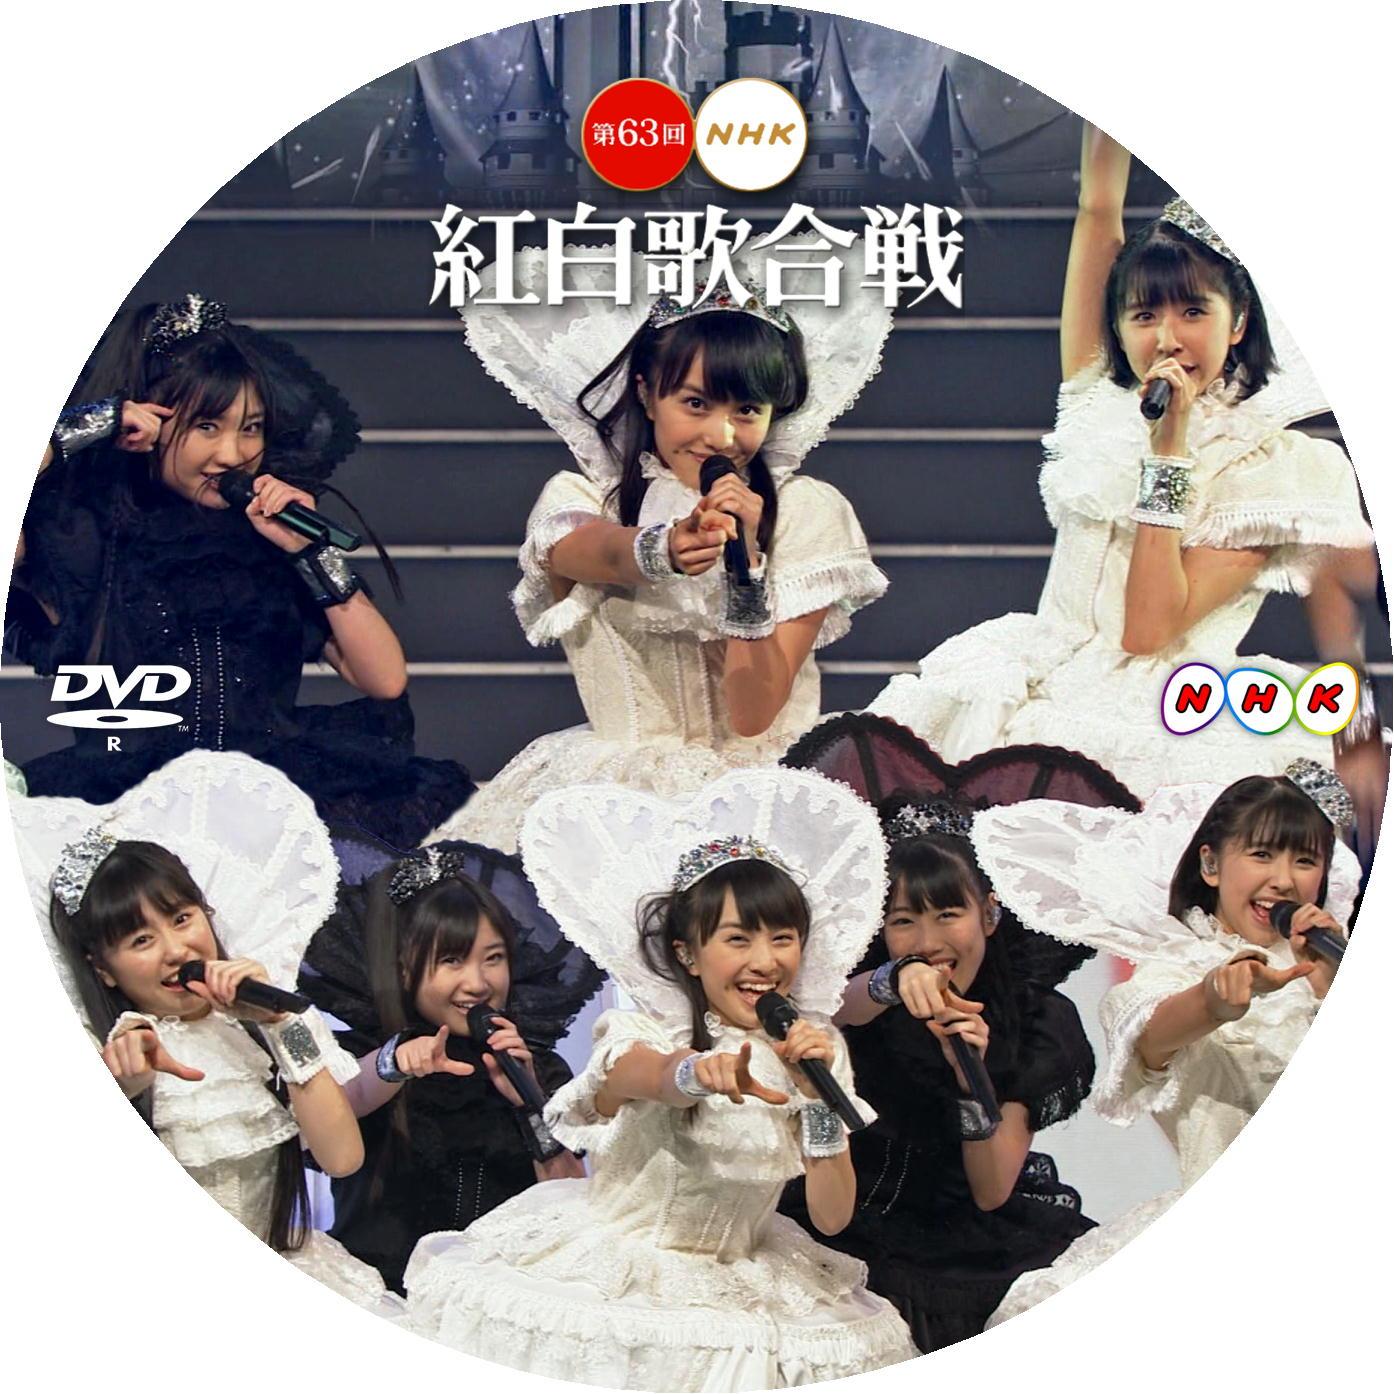 紅白歌合戦 2012 ももクロ<br /> DVDラベル